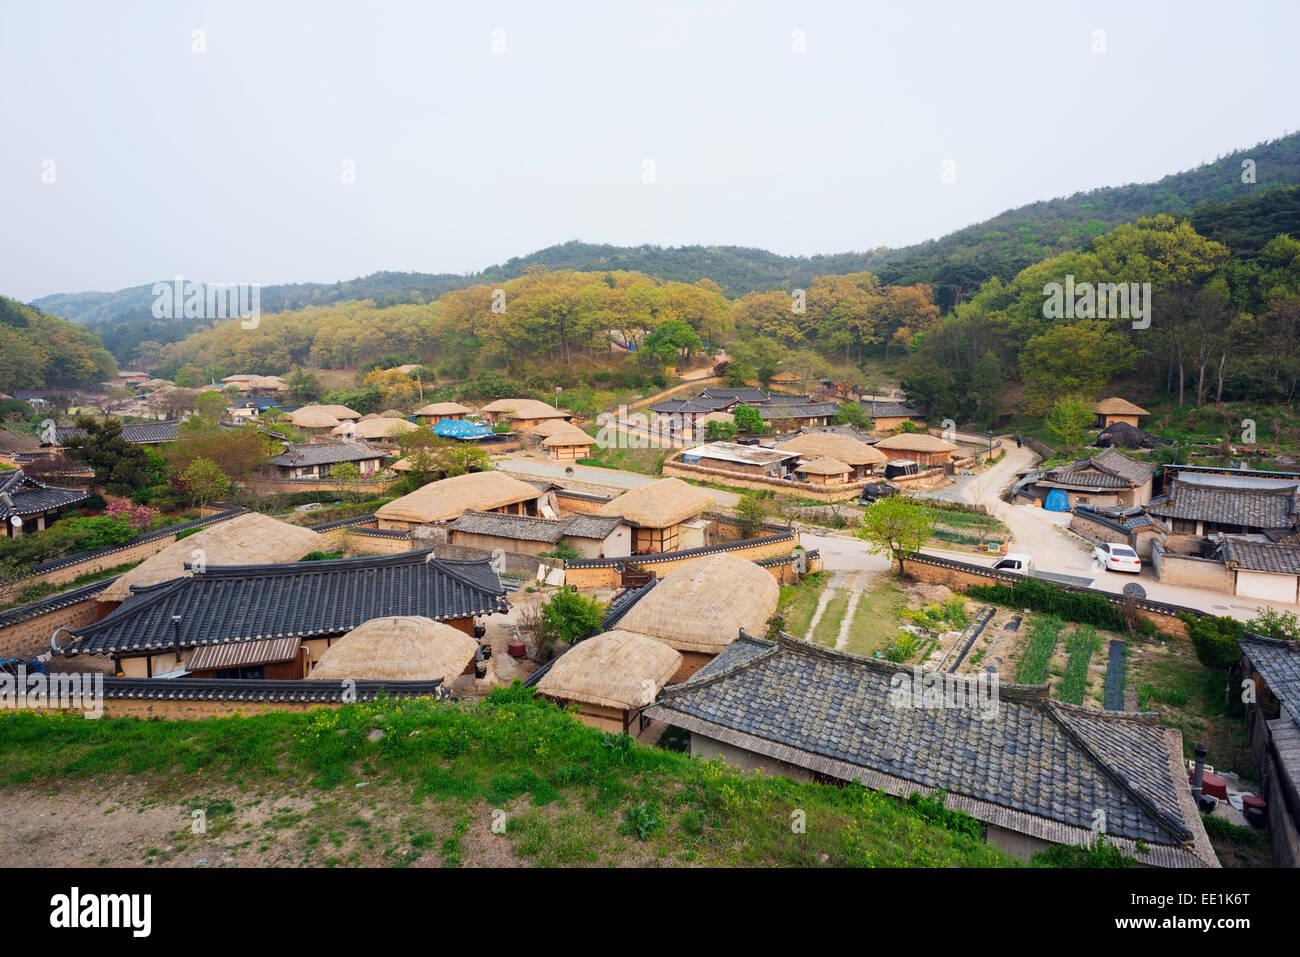 Yangdong folk village, UNESCO World Heritage Site, Gyeongsangbuk-do, South Korea, Asia - Stock Image